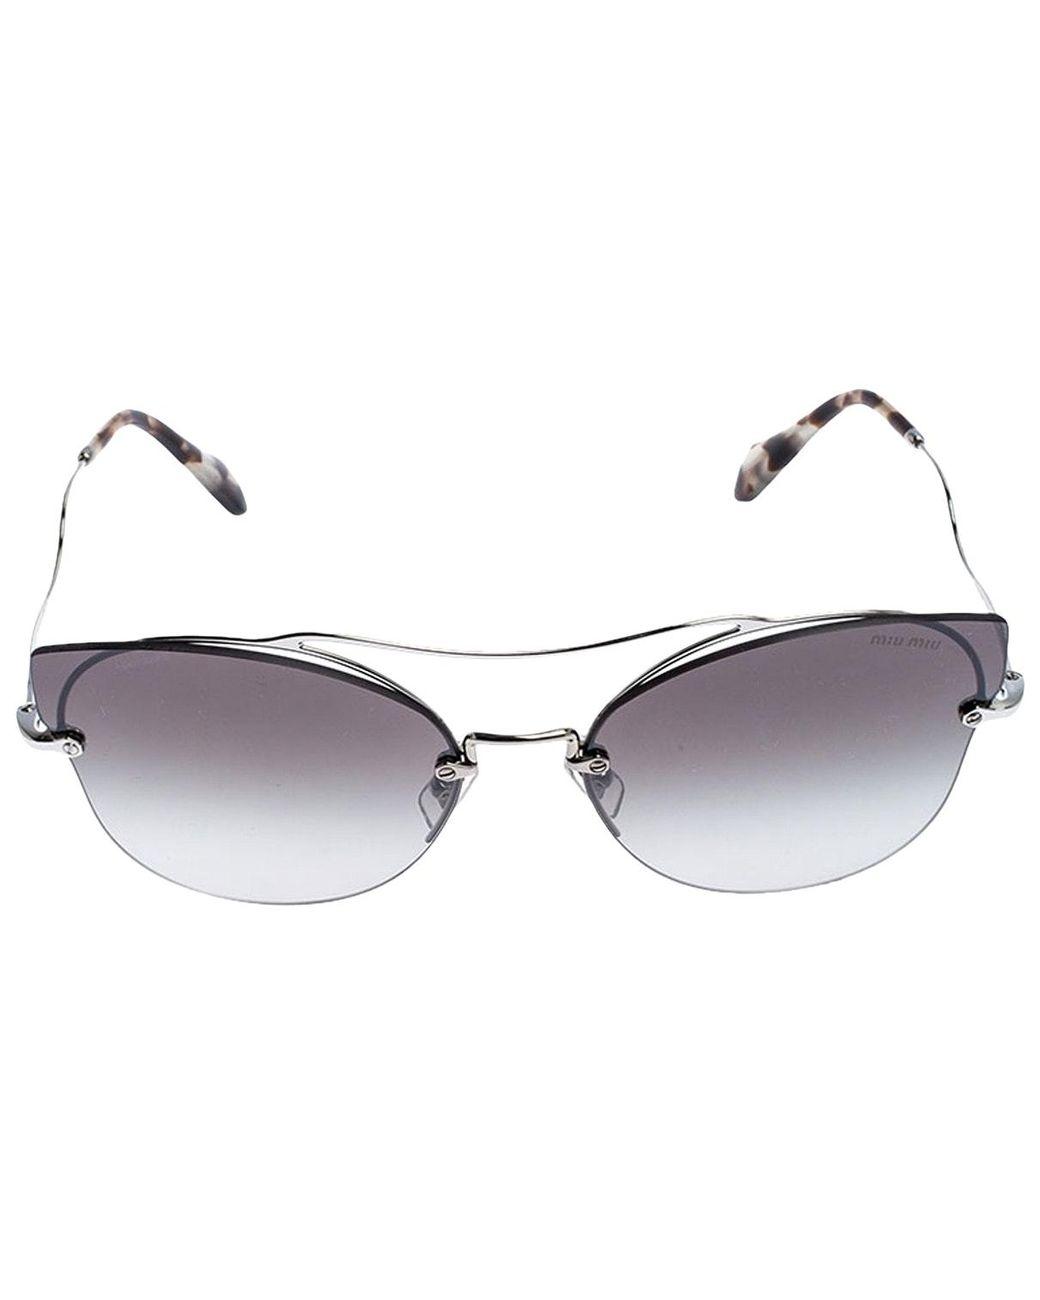 Brand New Miu Miu Sunglasses MU 03SS 1AB 0A7  Black//Gold//Brown Gradient Women